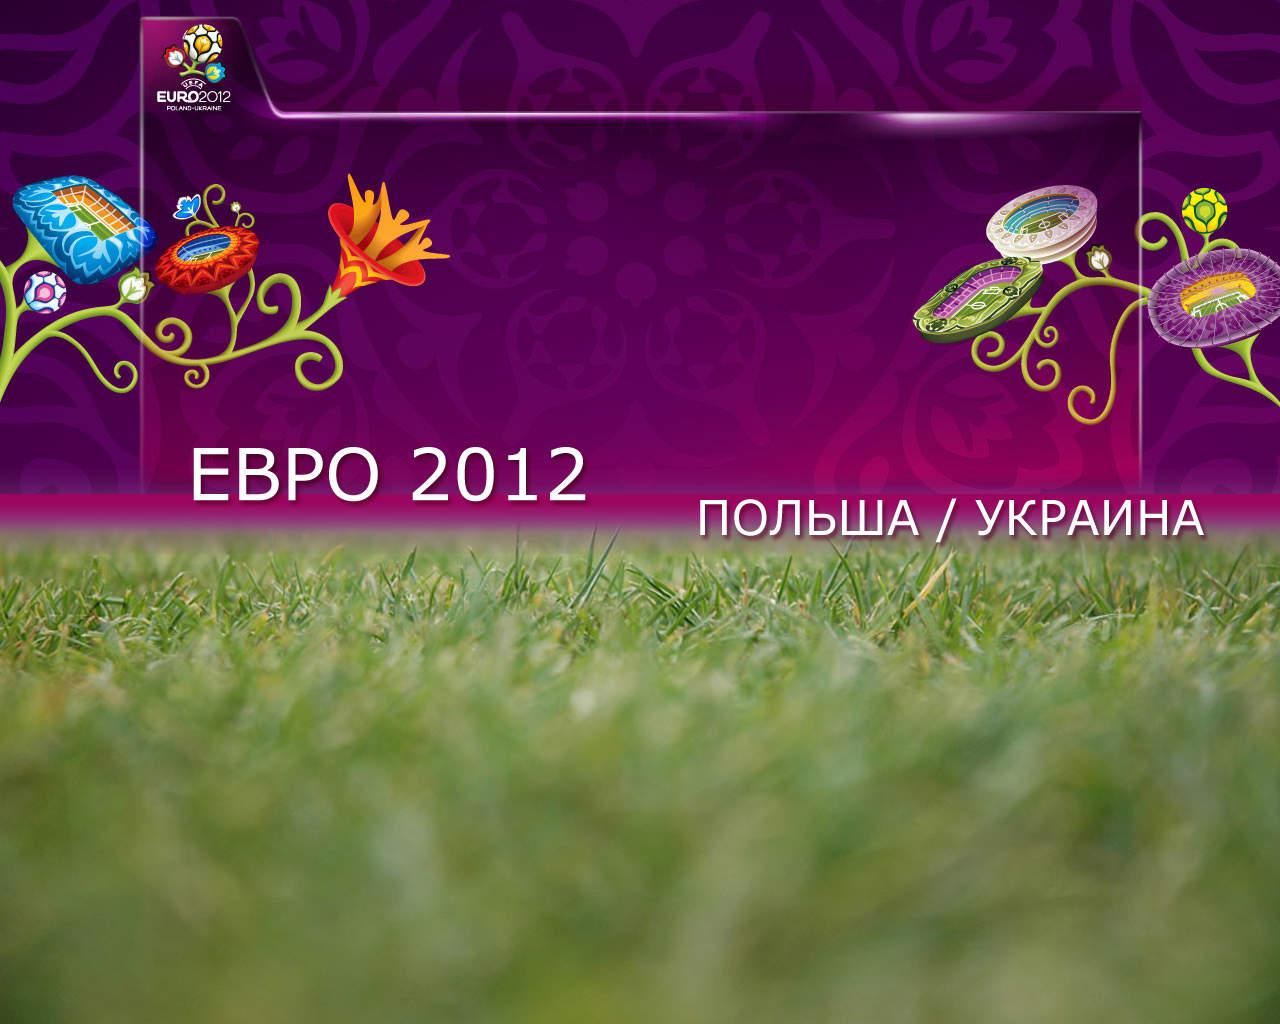 http://4.bp.blogspot.com/-hA7CUP7ZU1s/T8LtZcmT8xI/AAAAAAAAA7s/iL9xRfCtzow/s1600/euro+wallpaper+2012.jpg